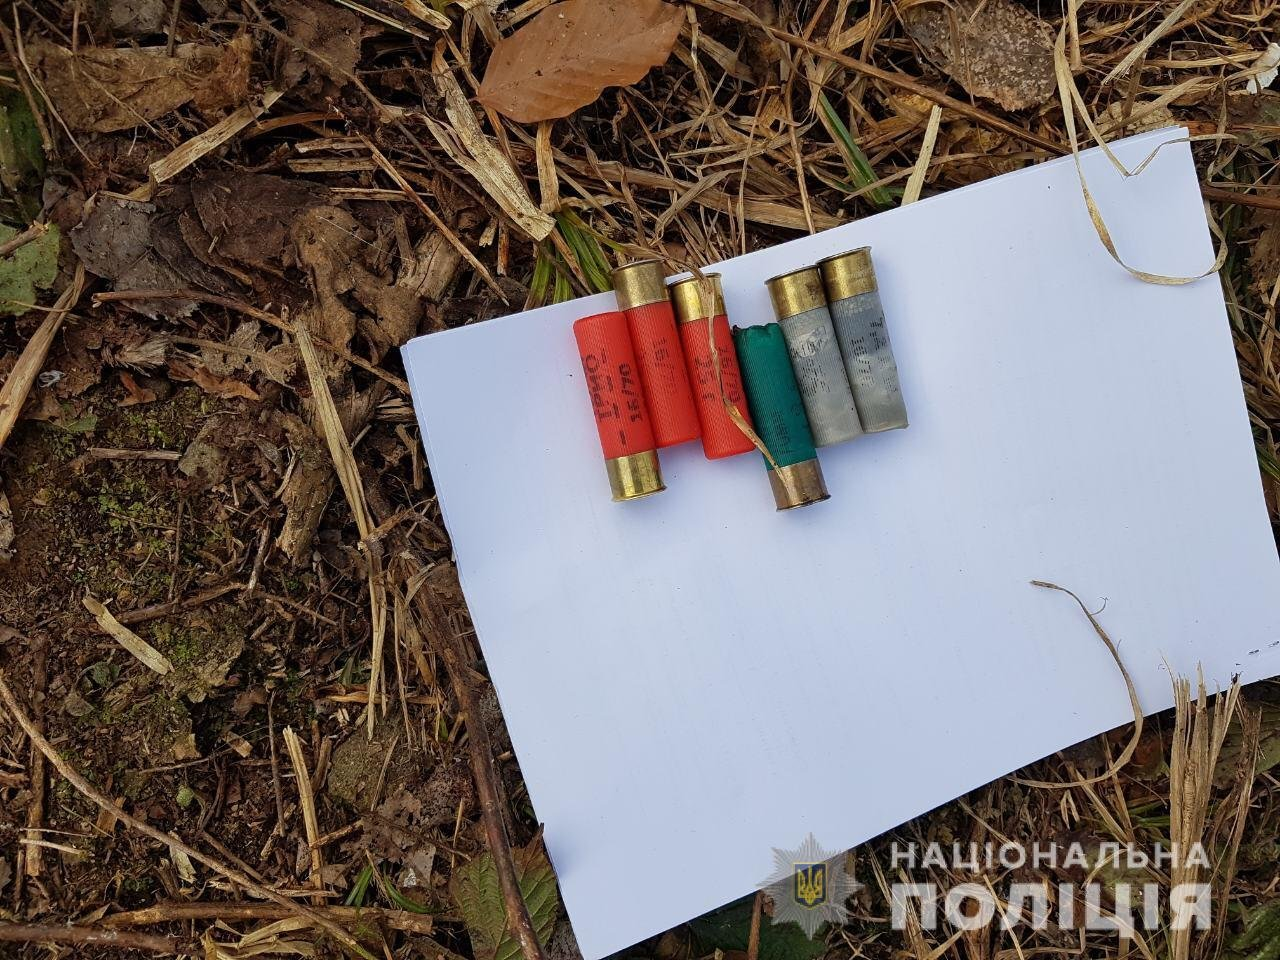 На Рахівщині поліція затримала браконьєрів із незаконною зброєю (ФОТО), фото-1